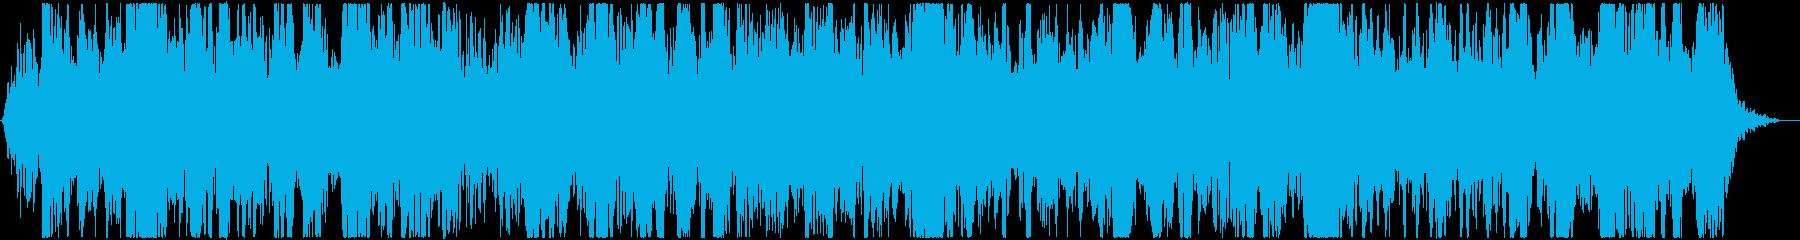 イメージ 地下鉄ハイ01の再生済みの波形